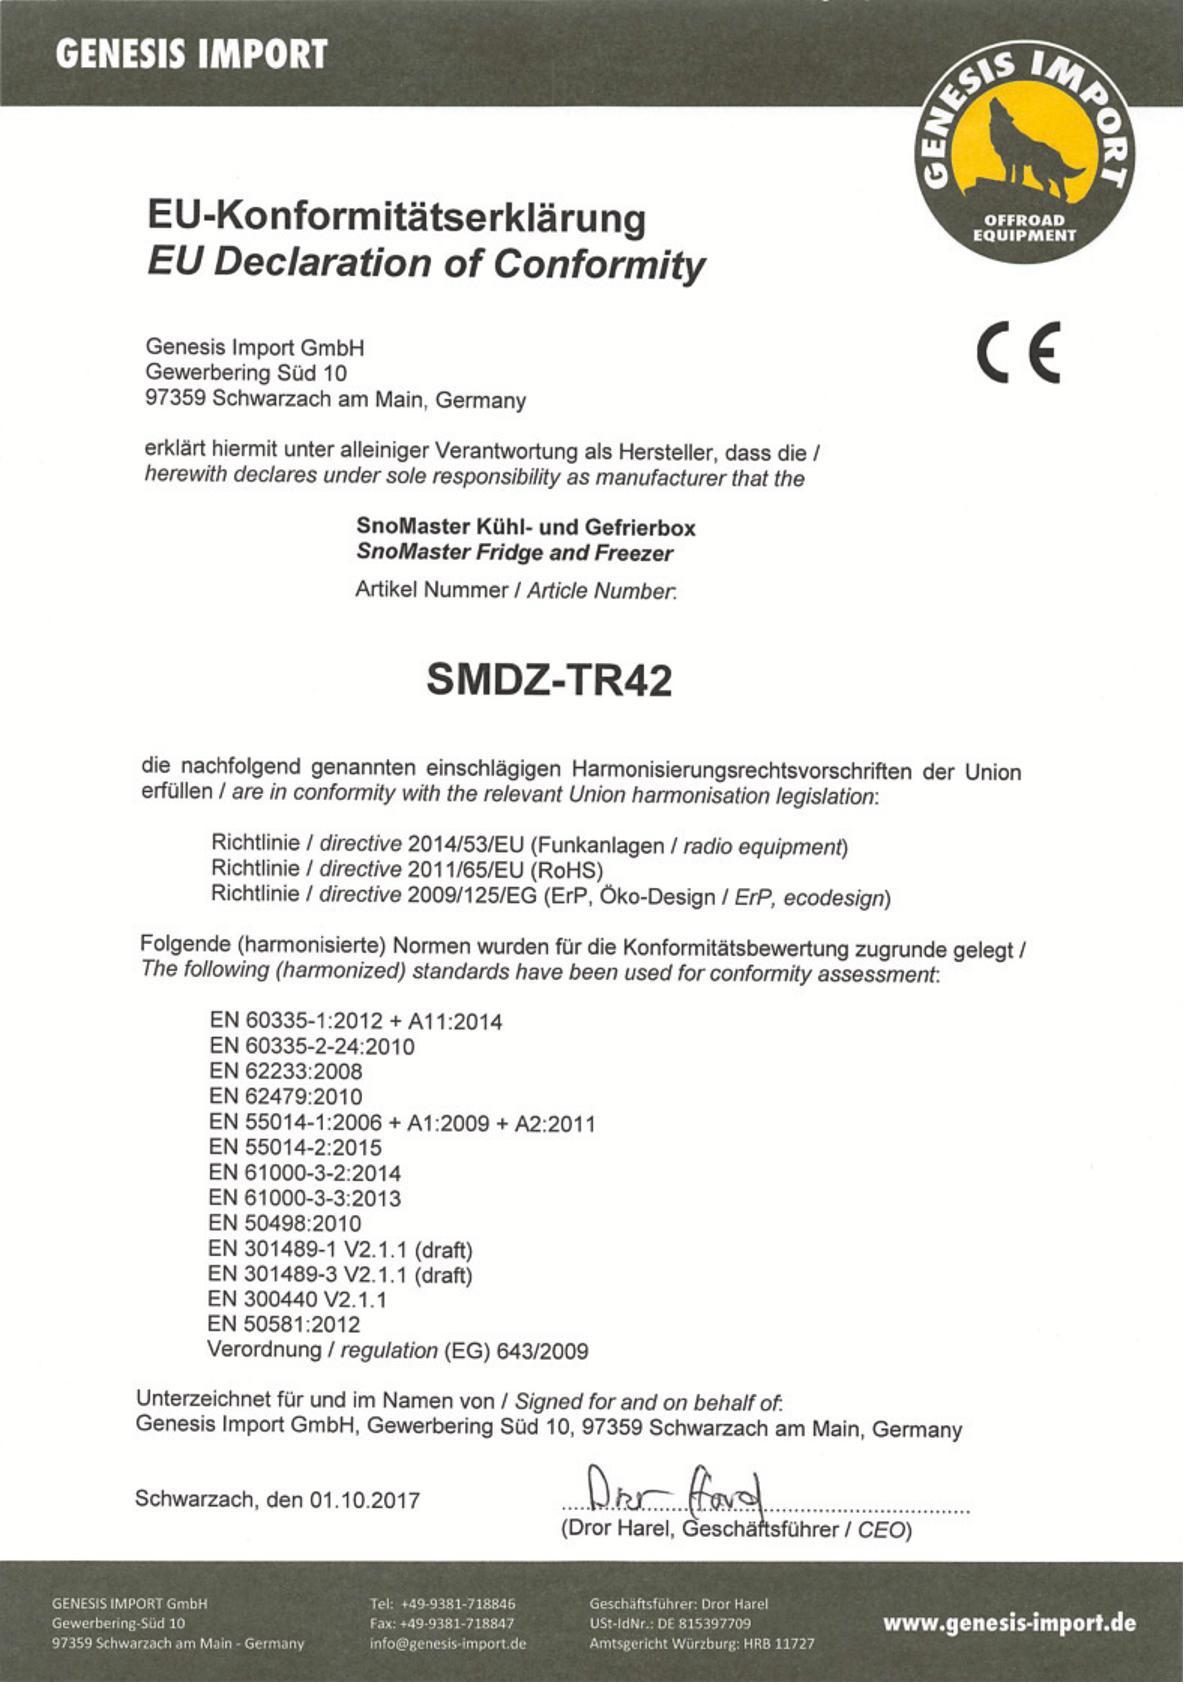 EU-Konformitätserklärung SMDZ-TR42.jpg